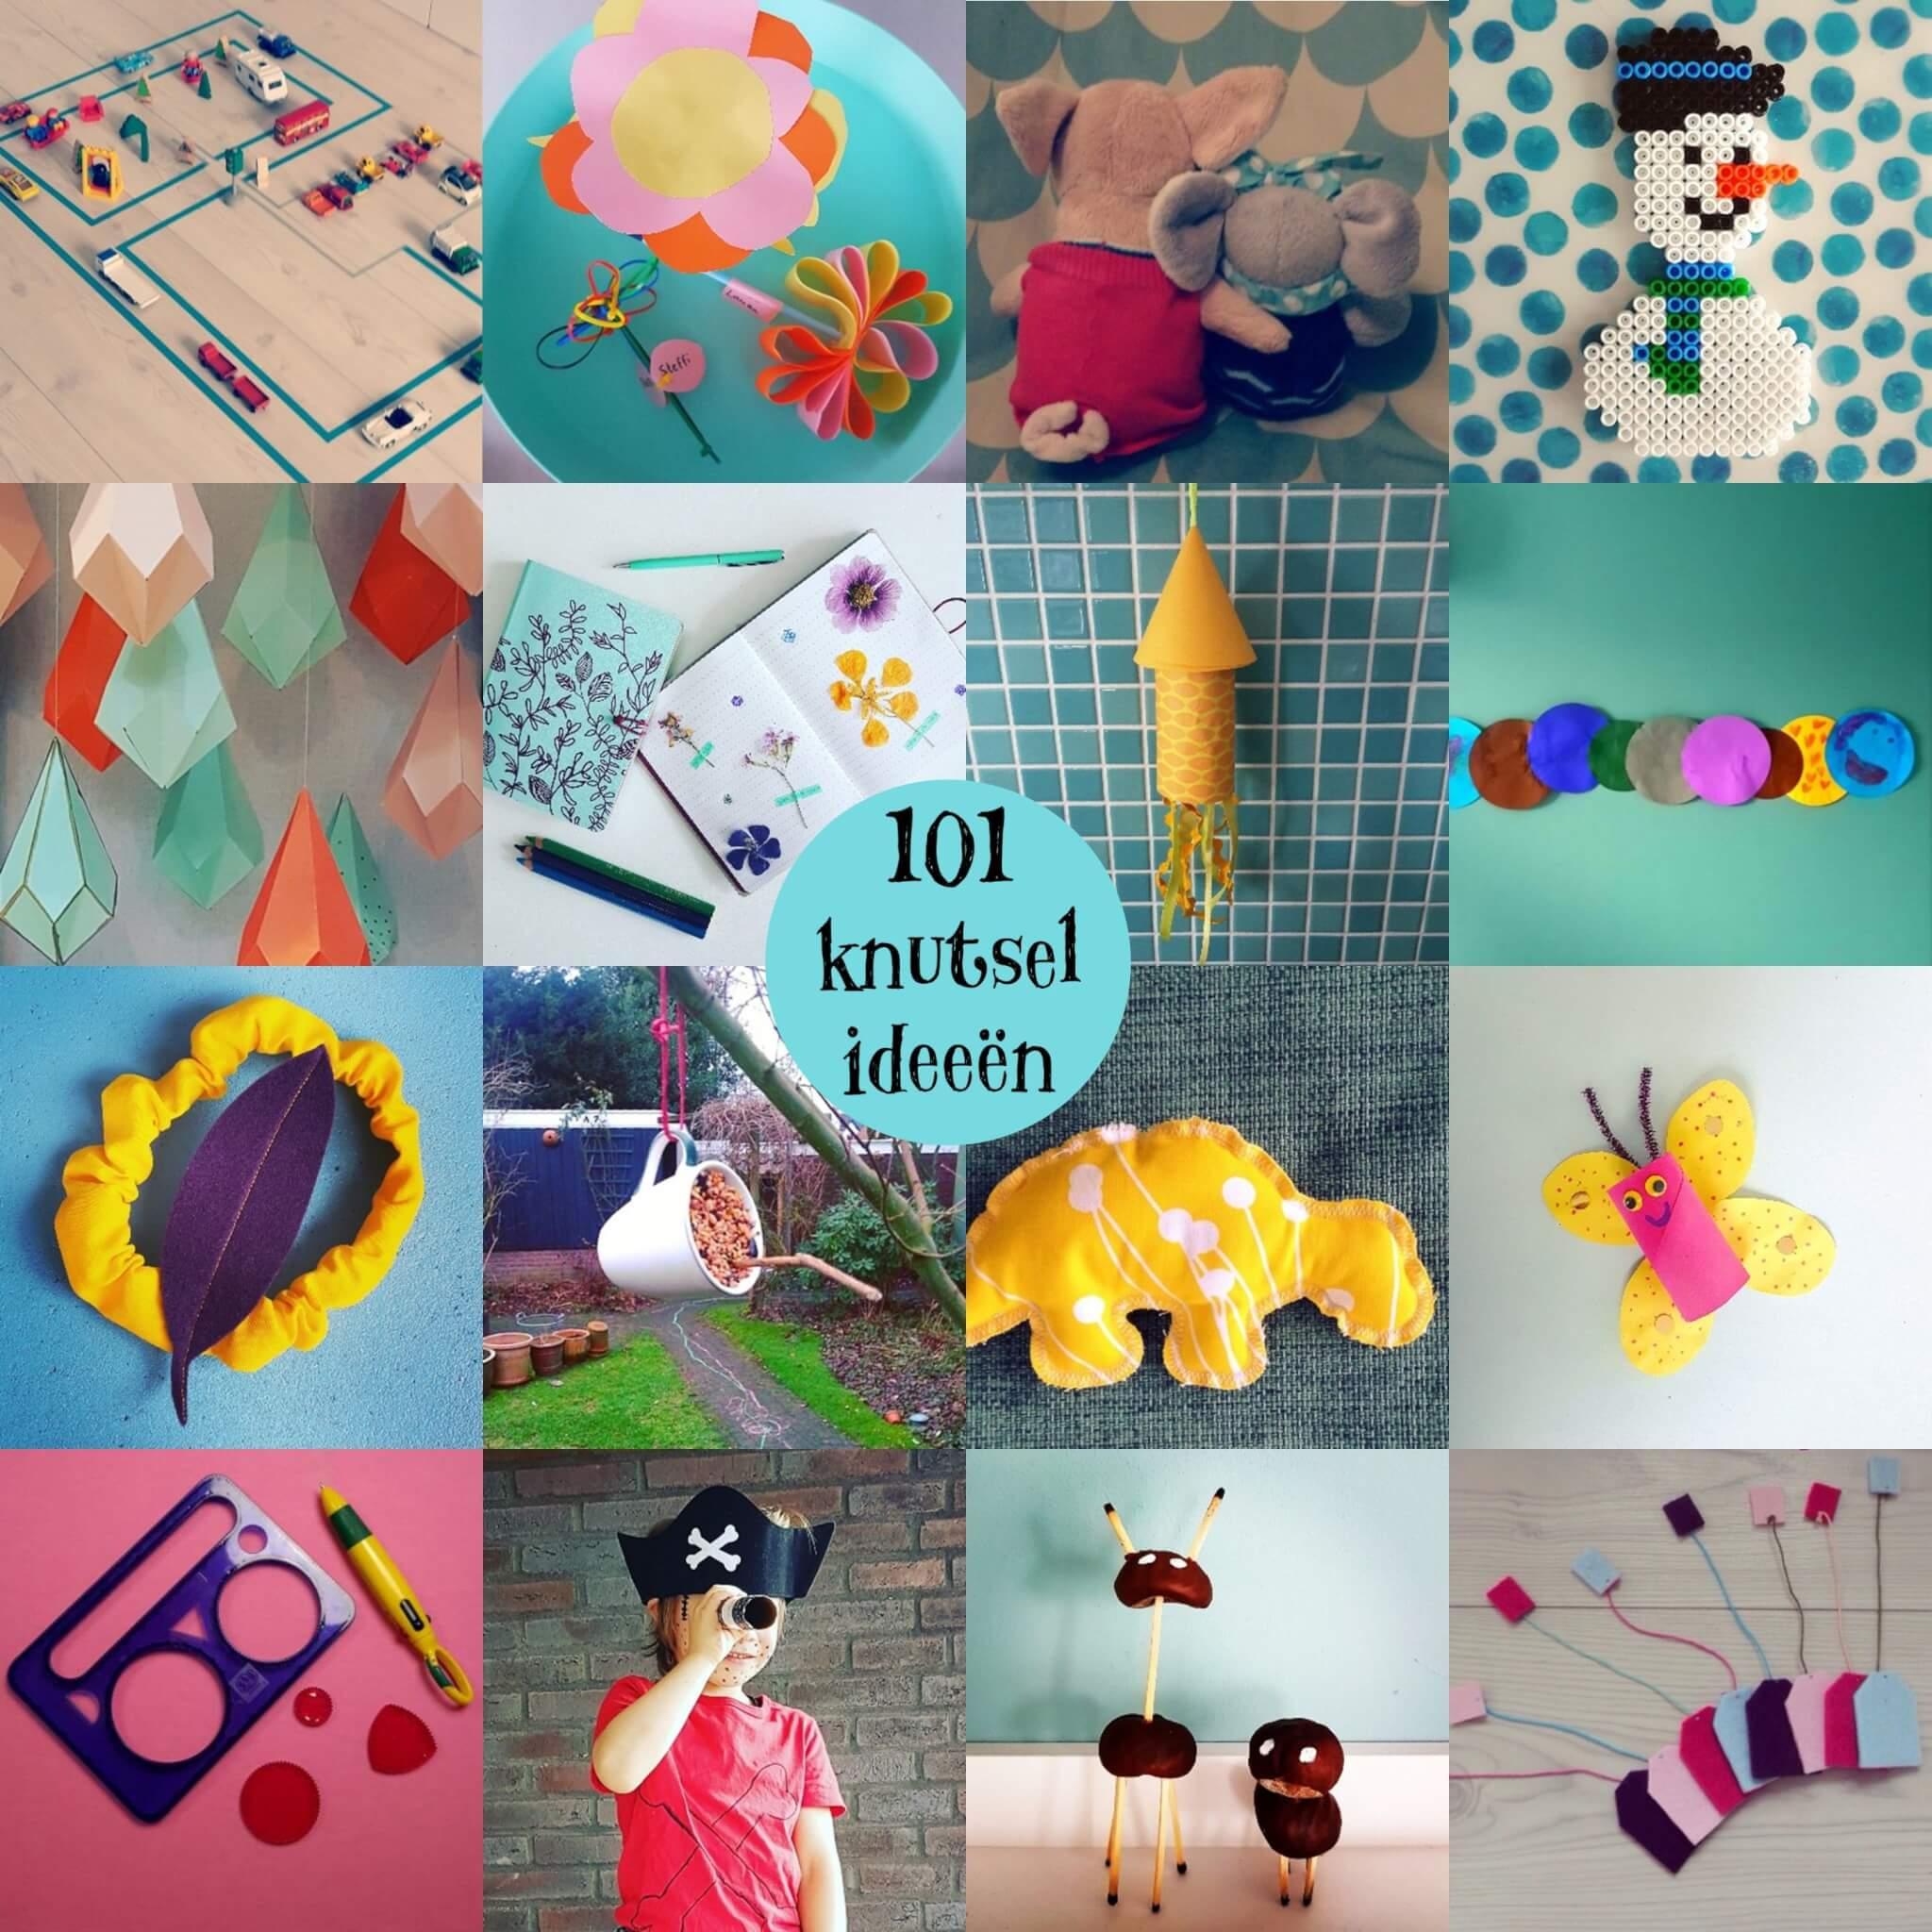 Fonkelnieuw 101 ideeën om te knutselen met kinderen - Leuk met kids IY-65